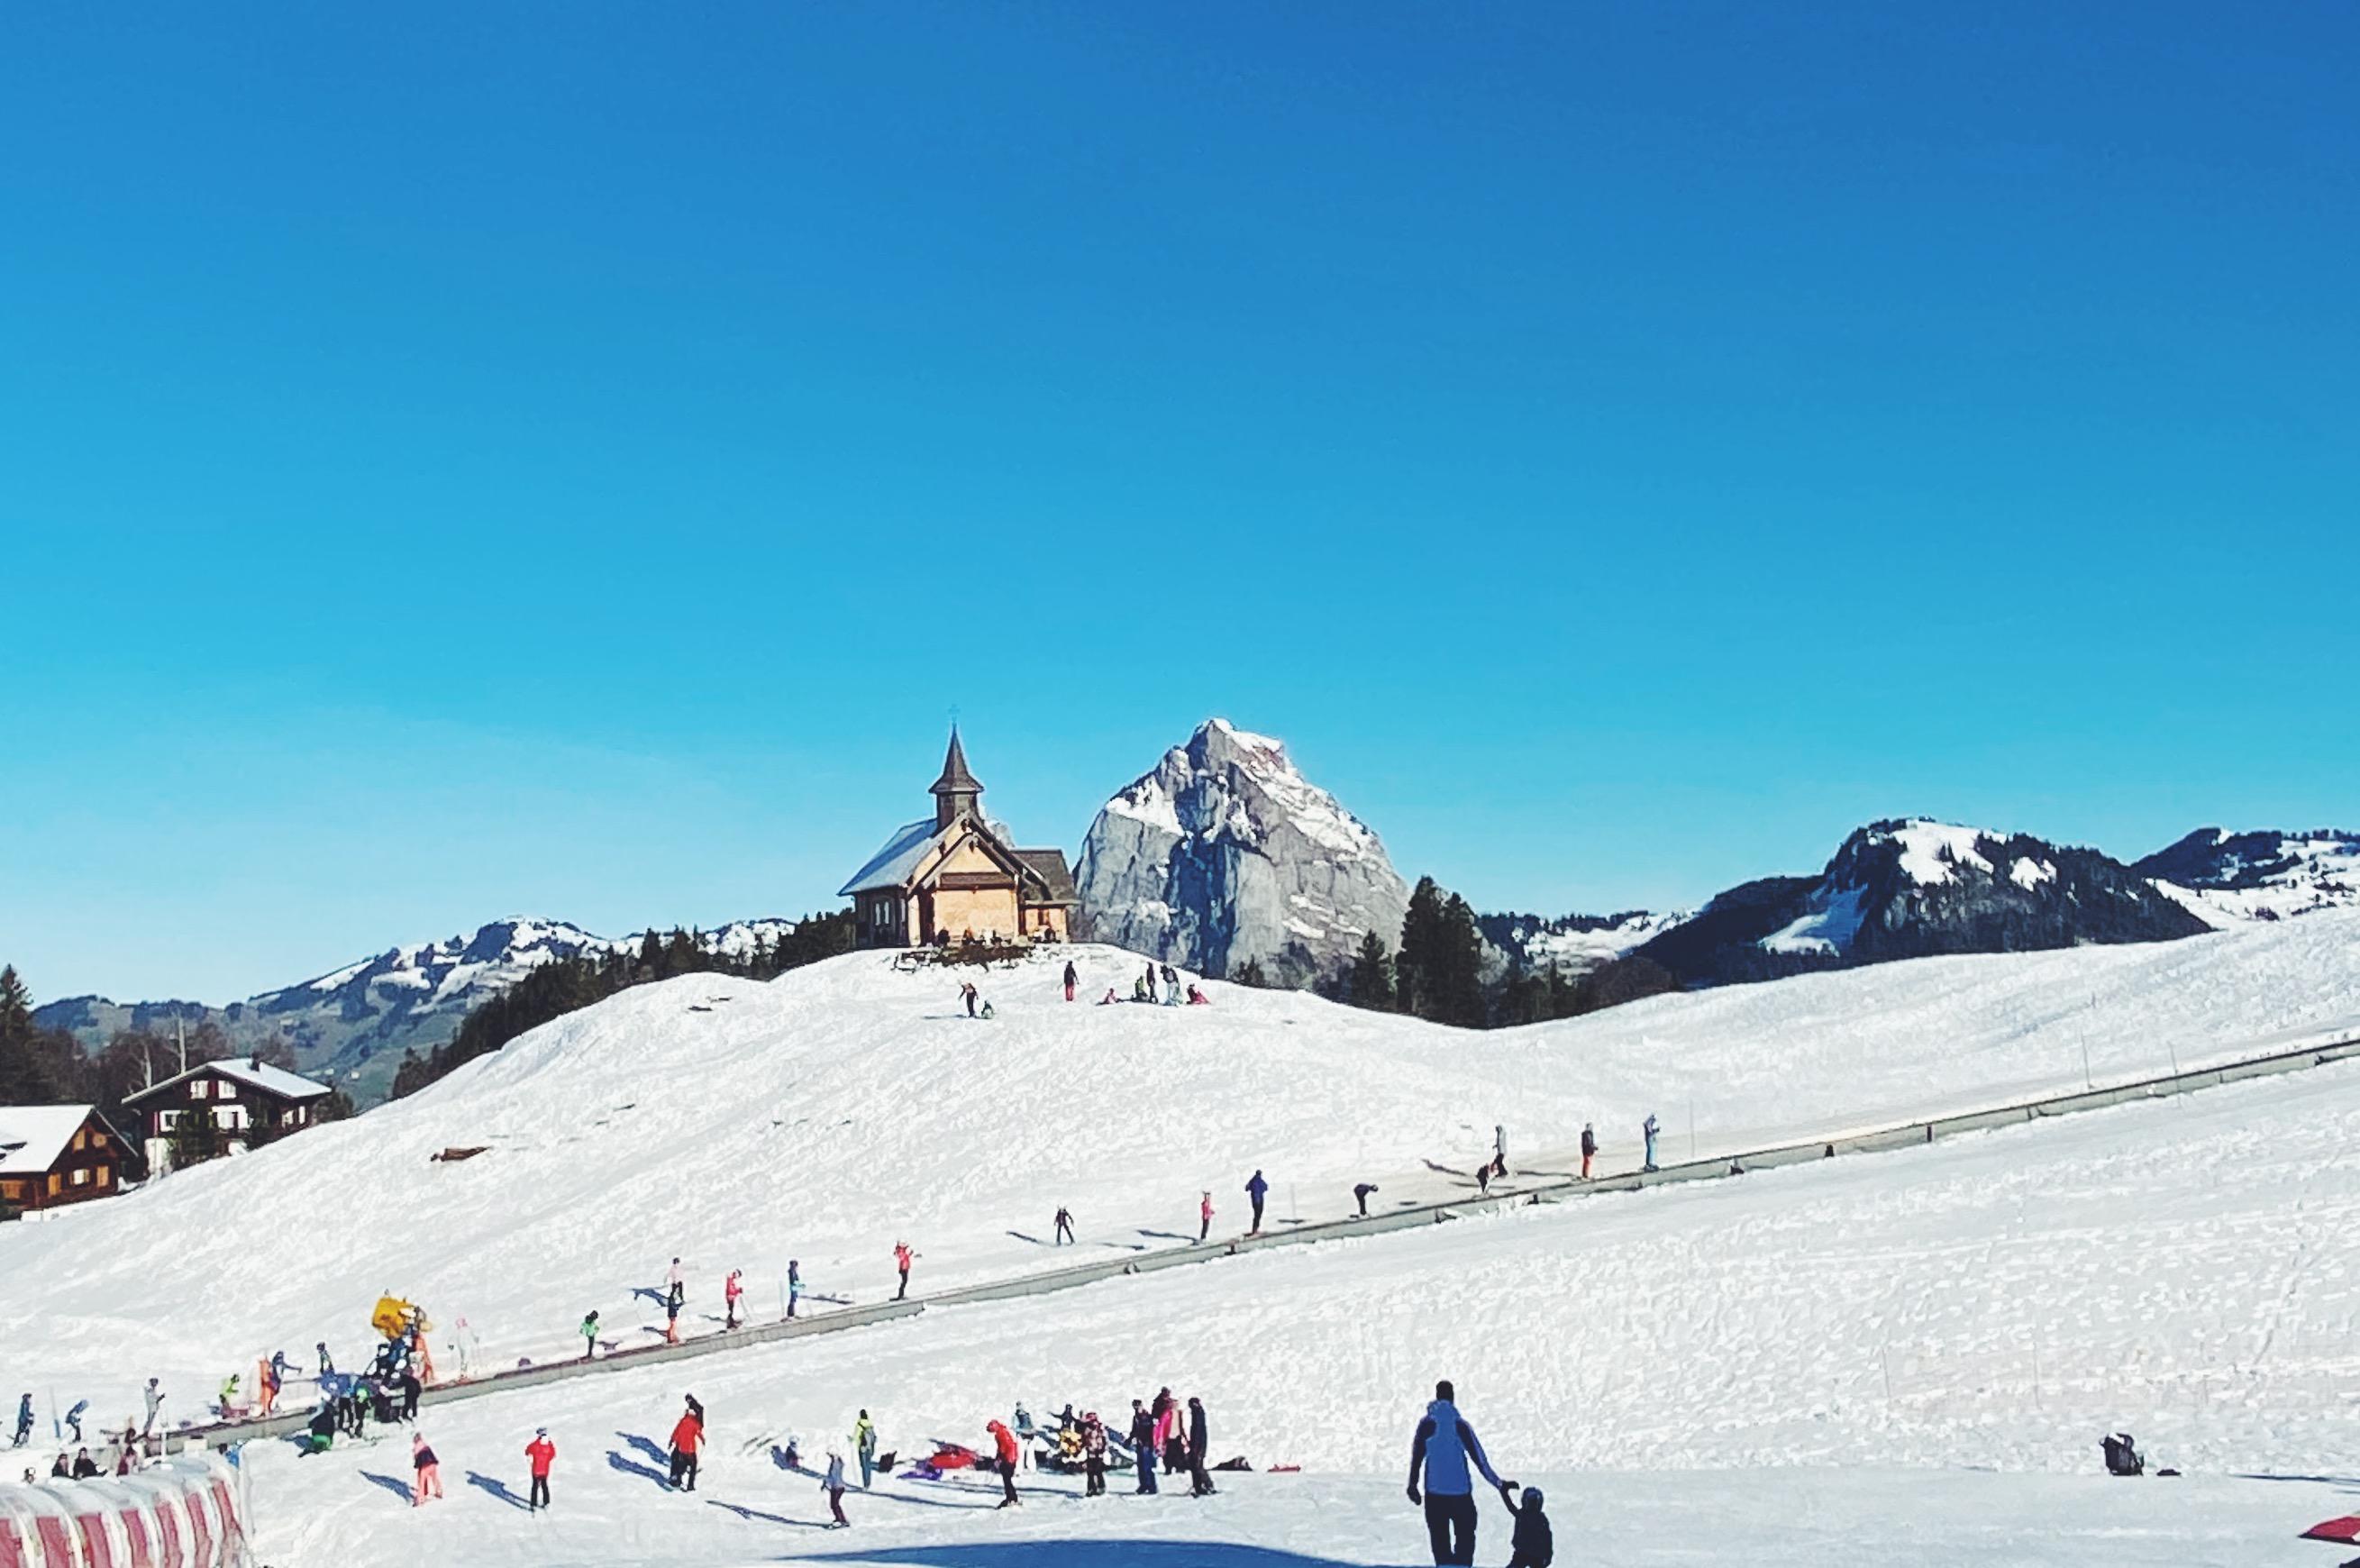 Skifahren mit Kindern - Tipps & Tricks